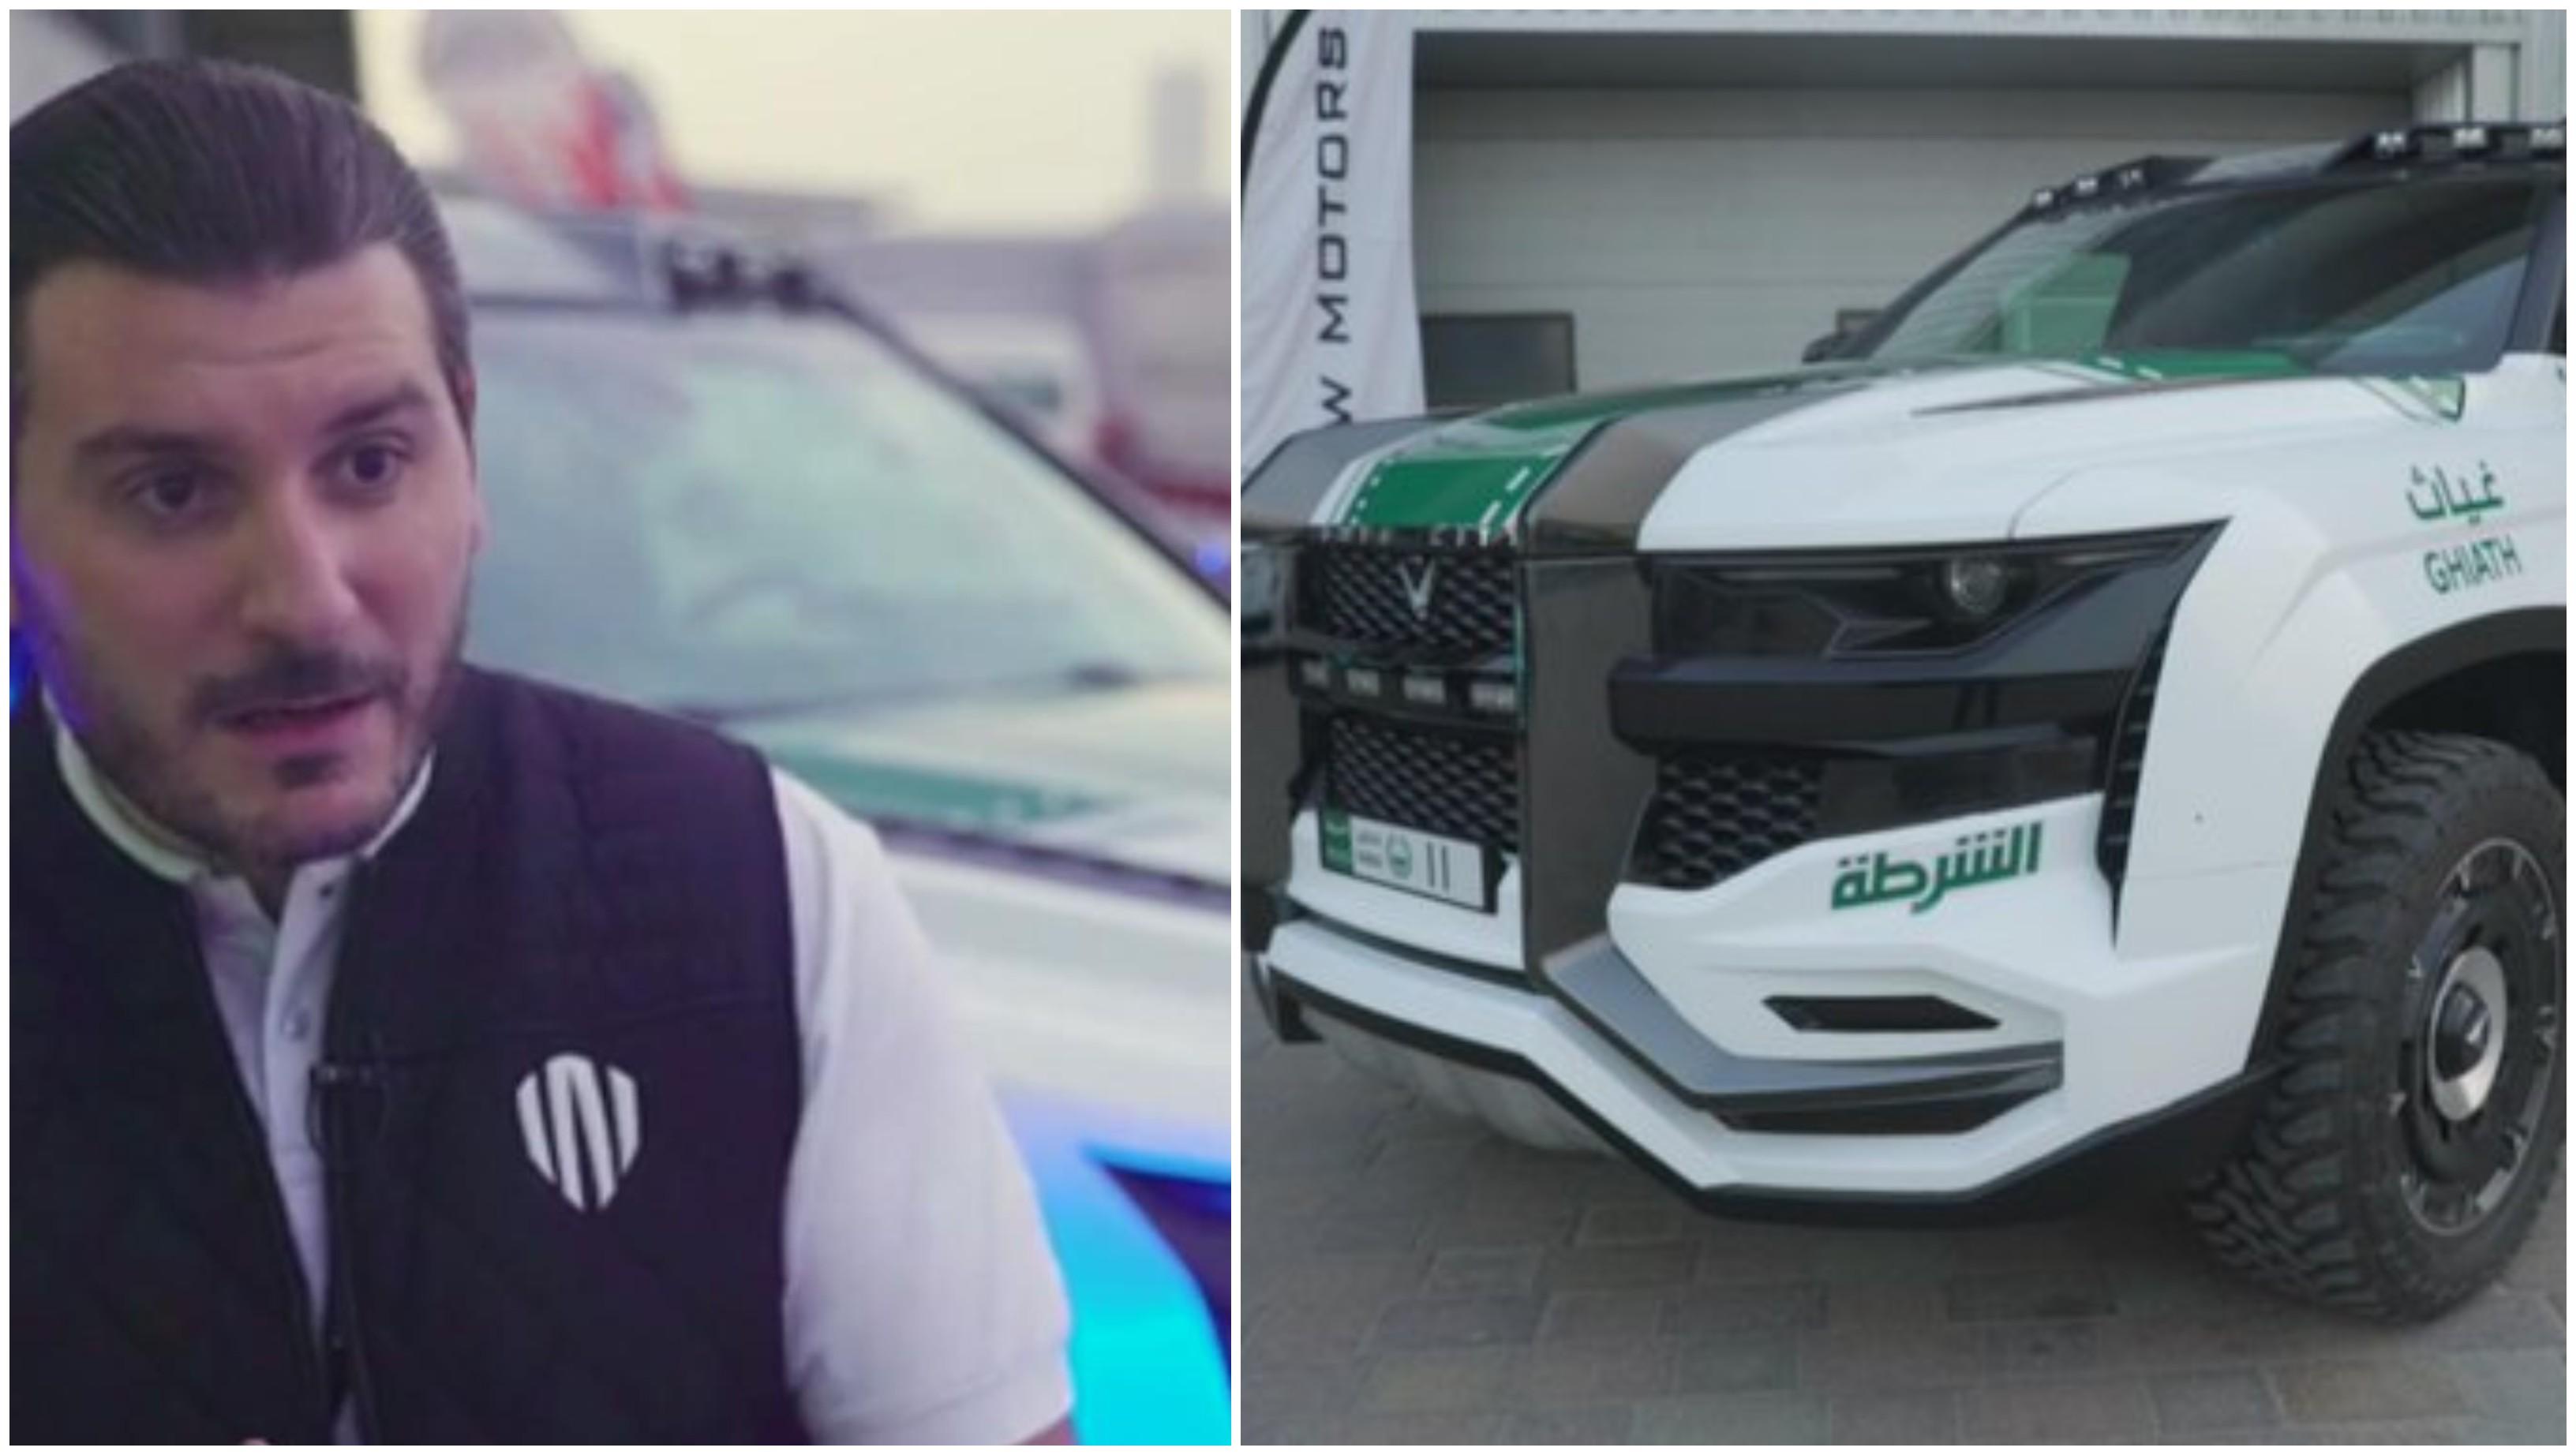 بالصور/ بمخبأ أسلحة و16 كاميرا.. شركة لبنانية تصمم أول سيارة في العالم لأساطيل الشرطة خصيصاً لشرطة دبي